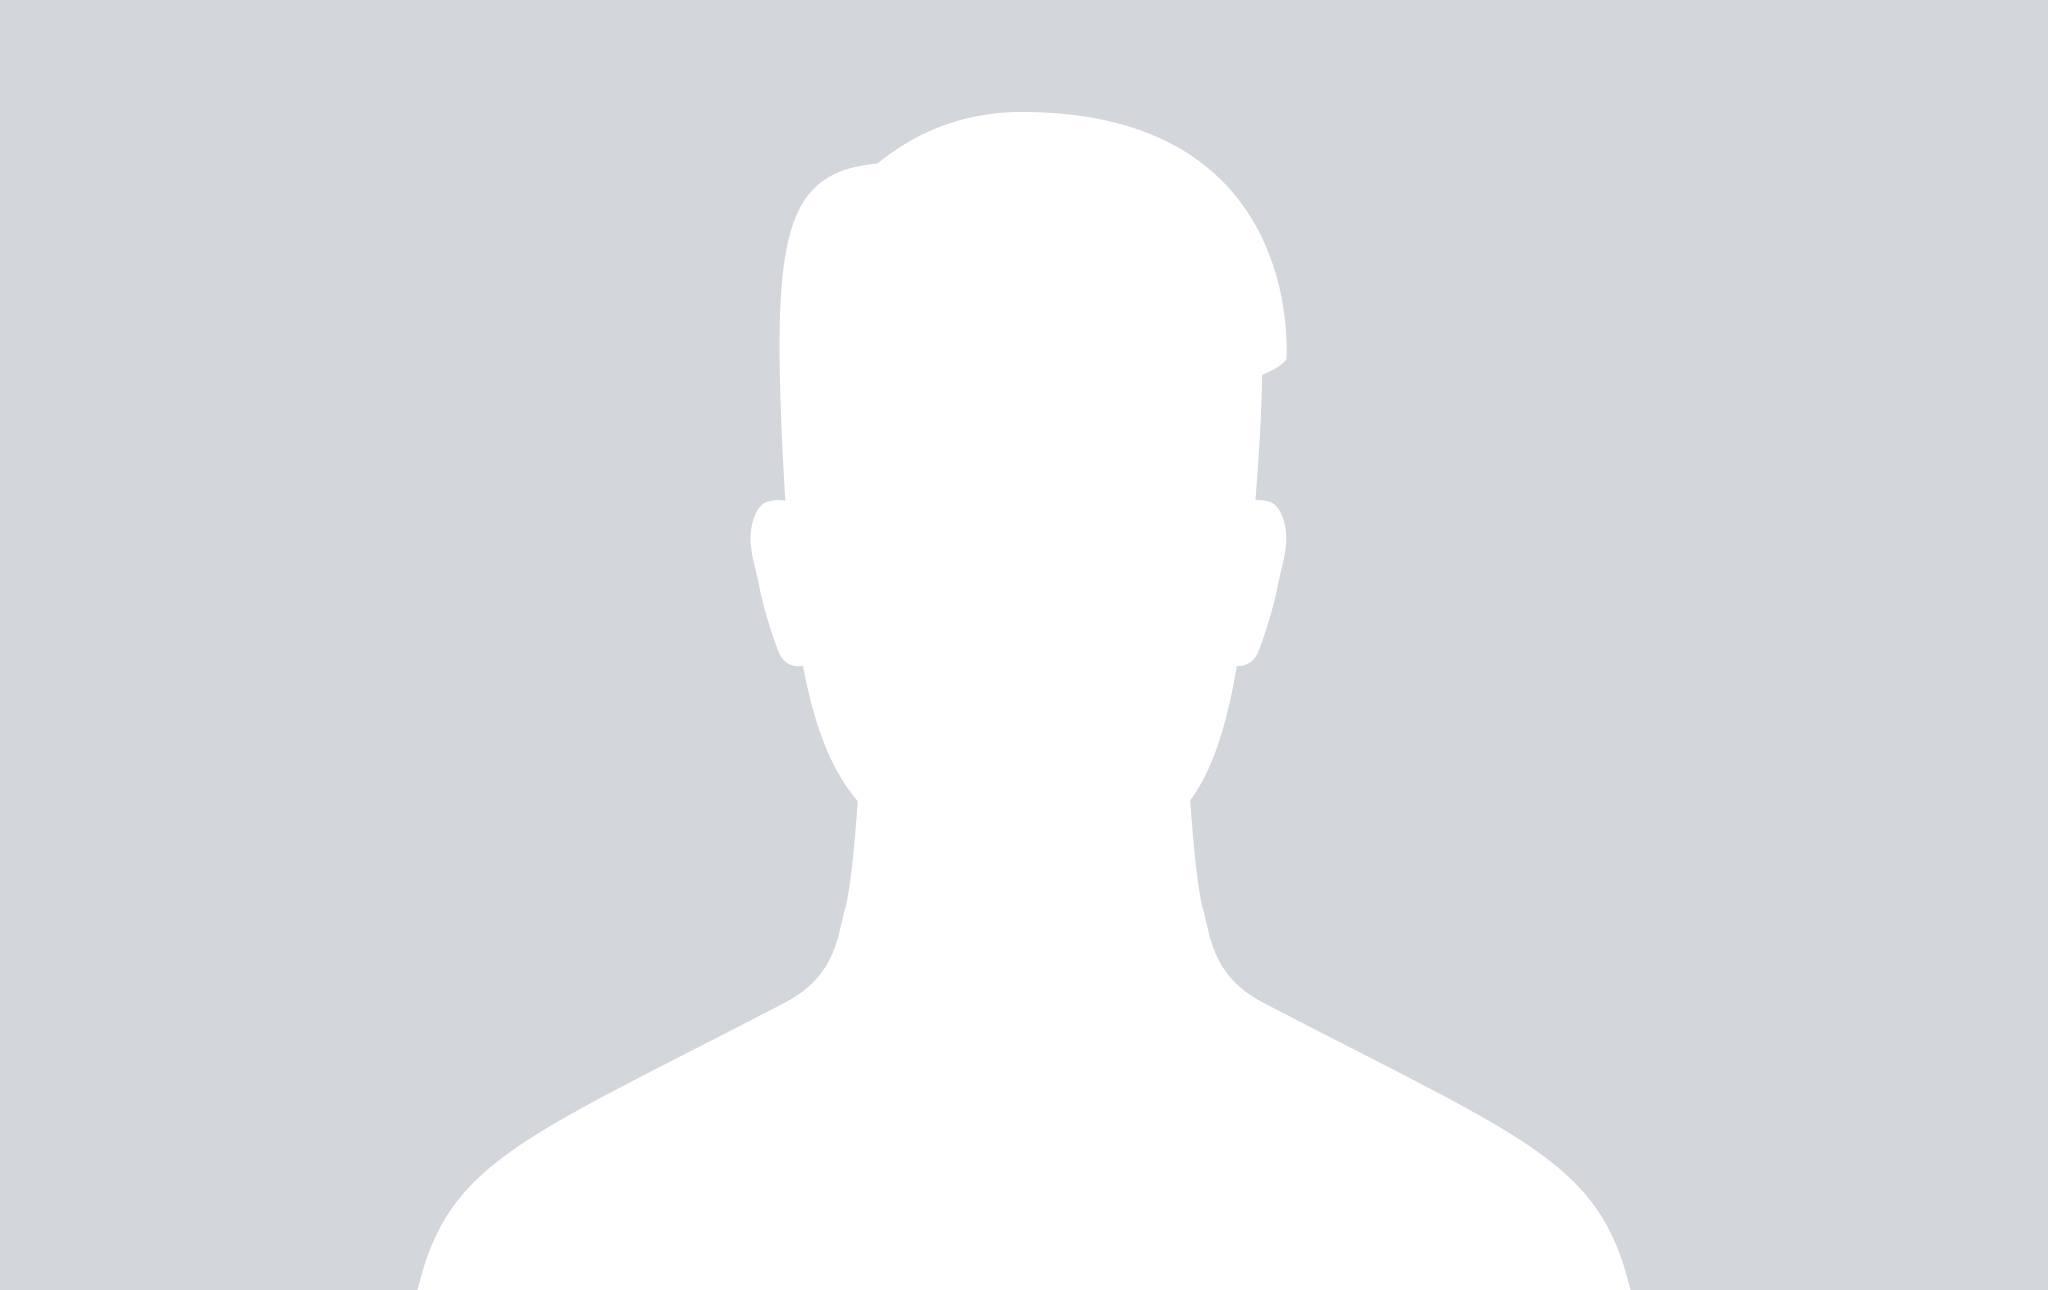 https://d2yht872mhrlra.cloudfront.net/user/133543/user_133543.jpg